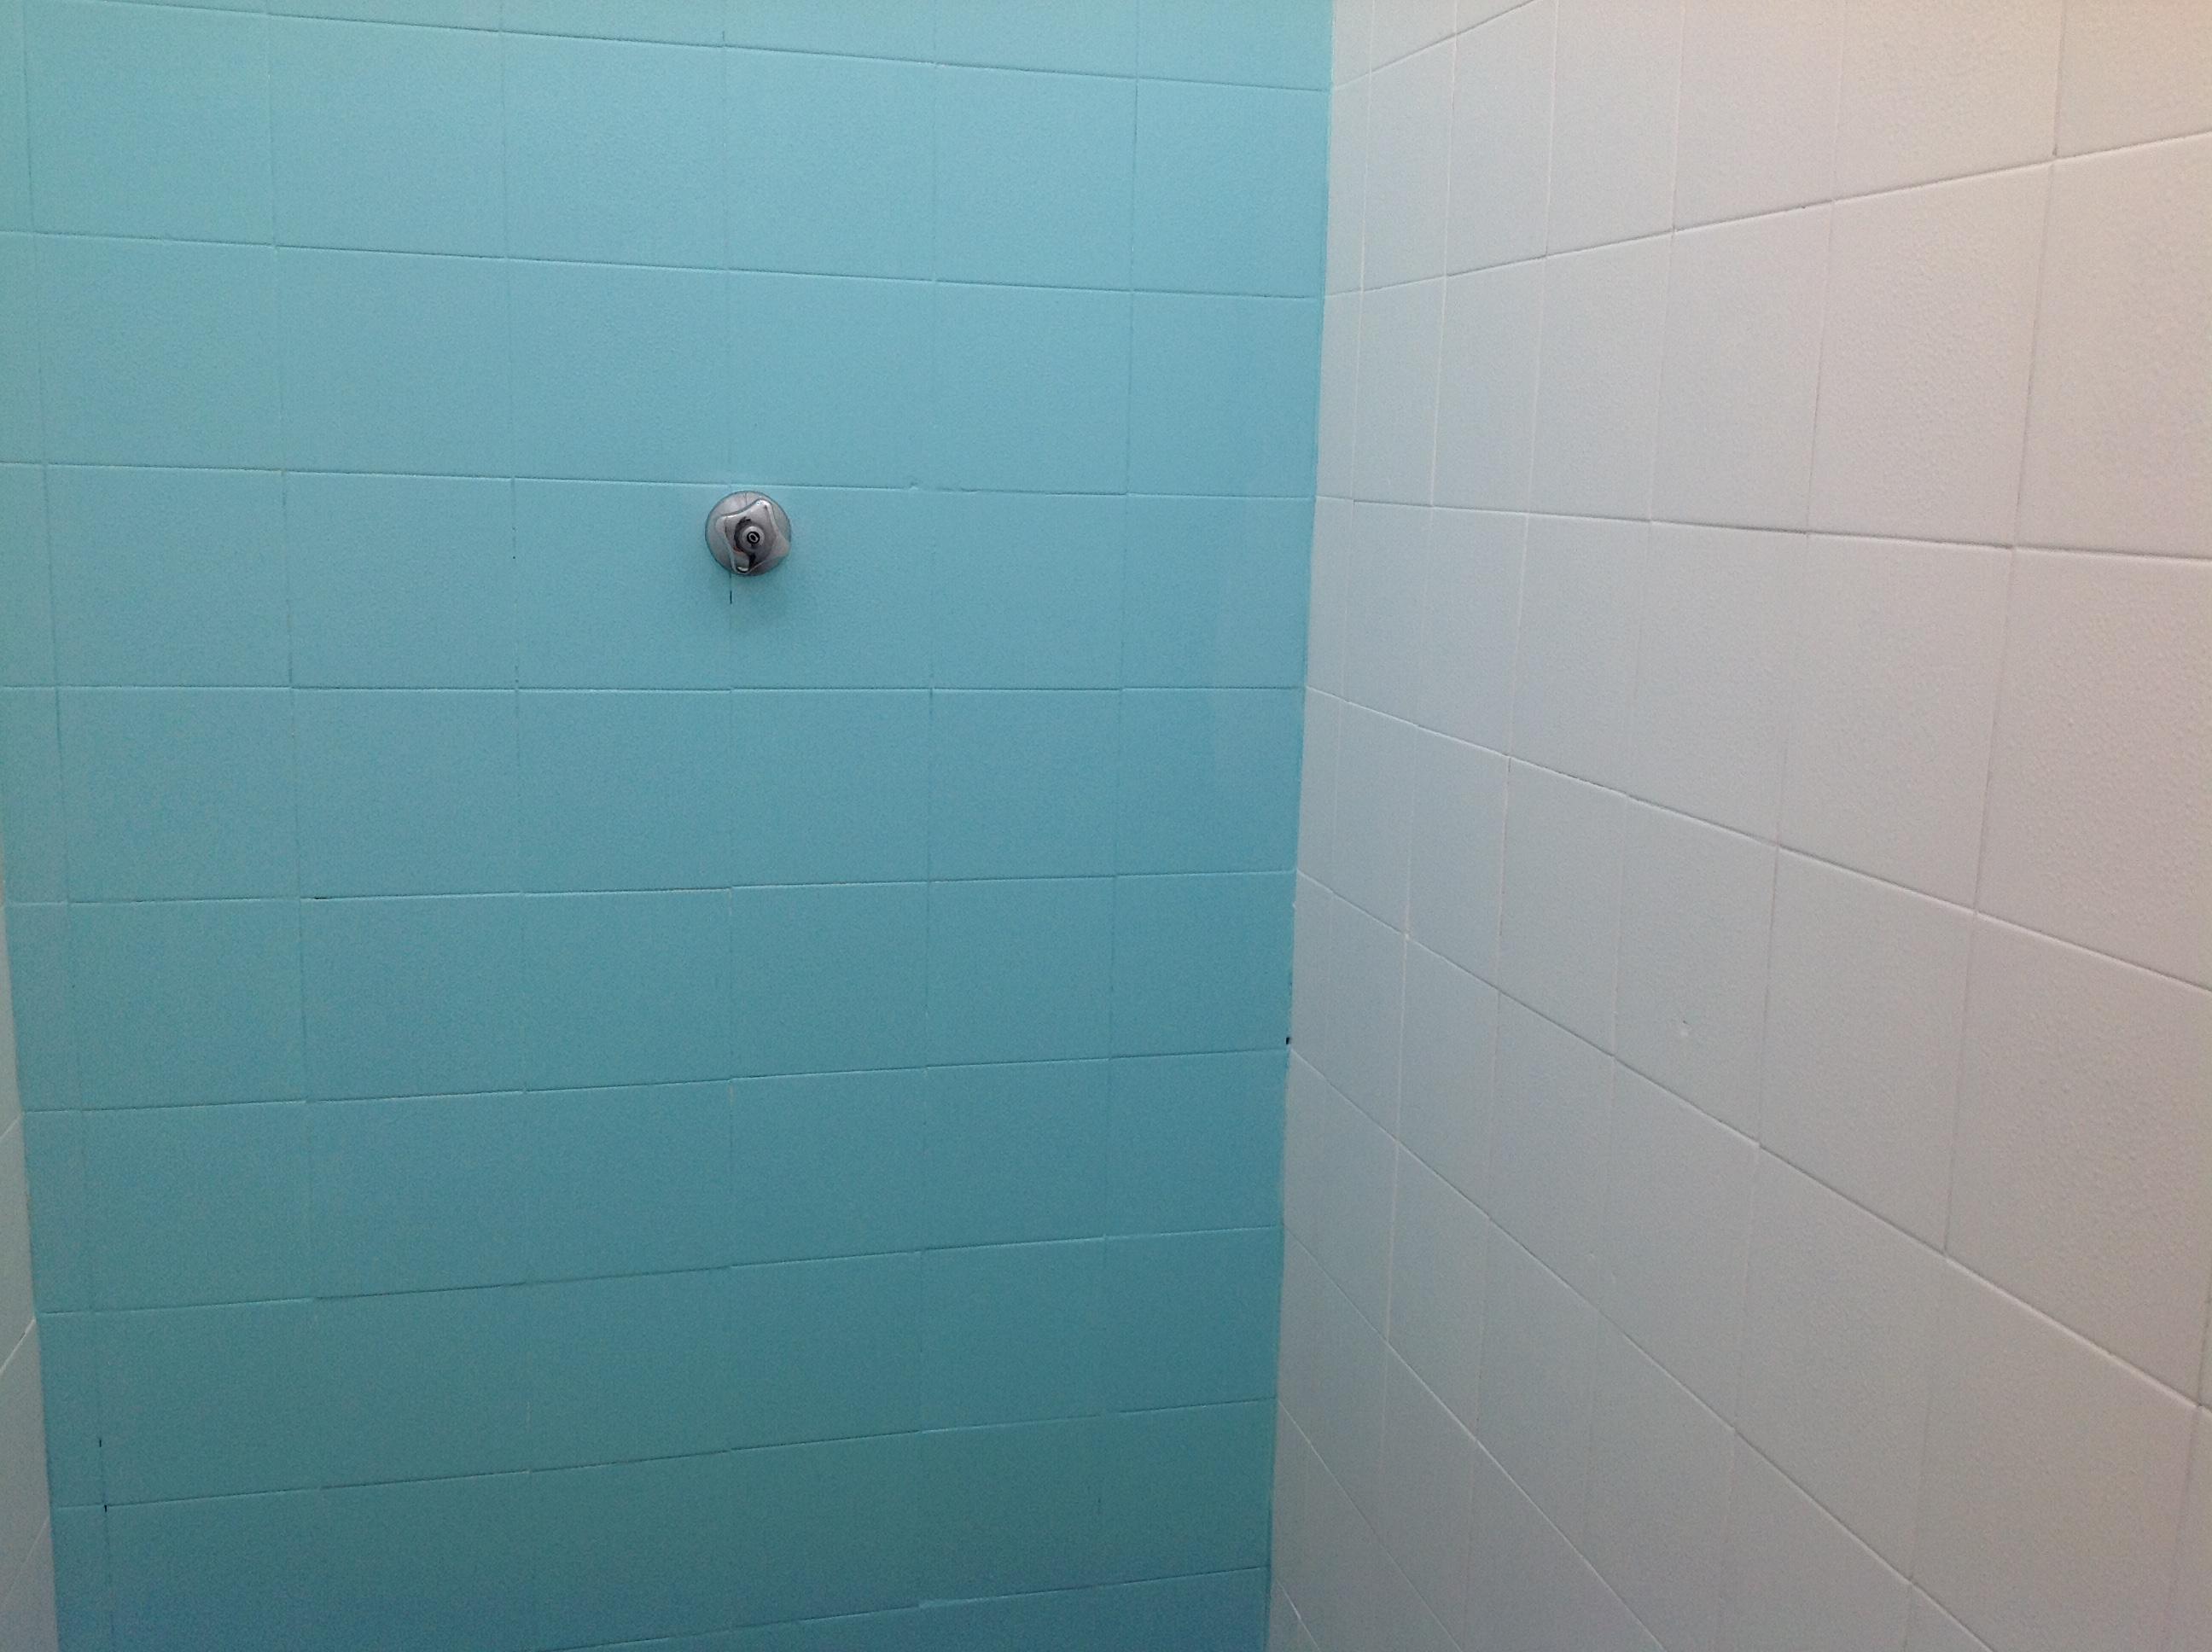 Diy Como Pintar Azulejos Reforma Do Banheiro Com Vídeo Além